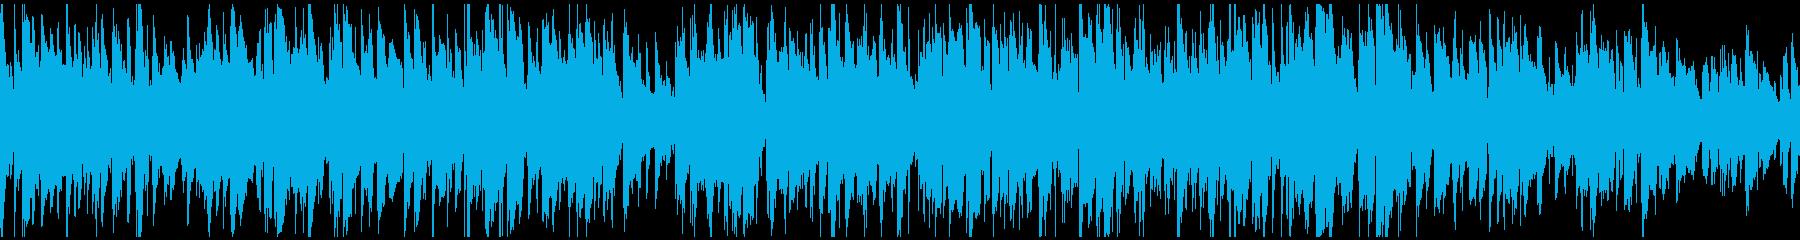 スタイリッシュな紳士のジャズ ※ループ版の再生済みの波形